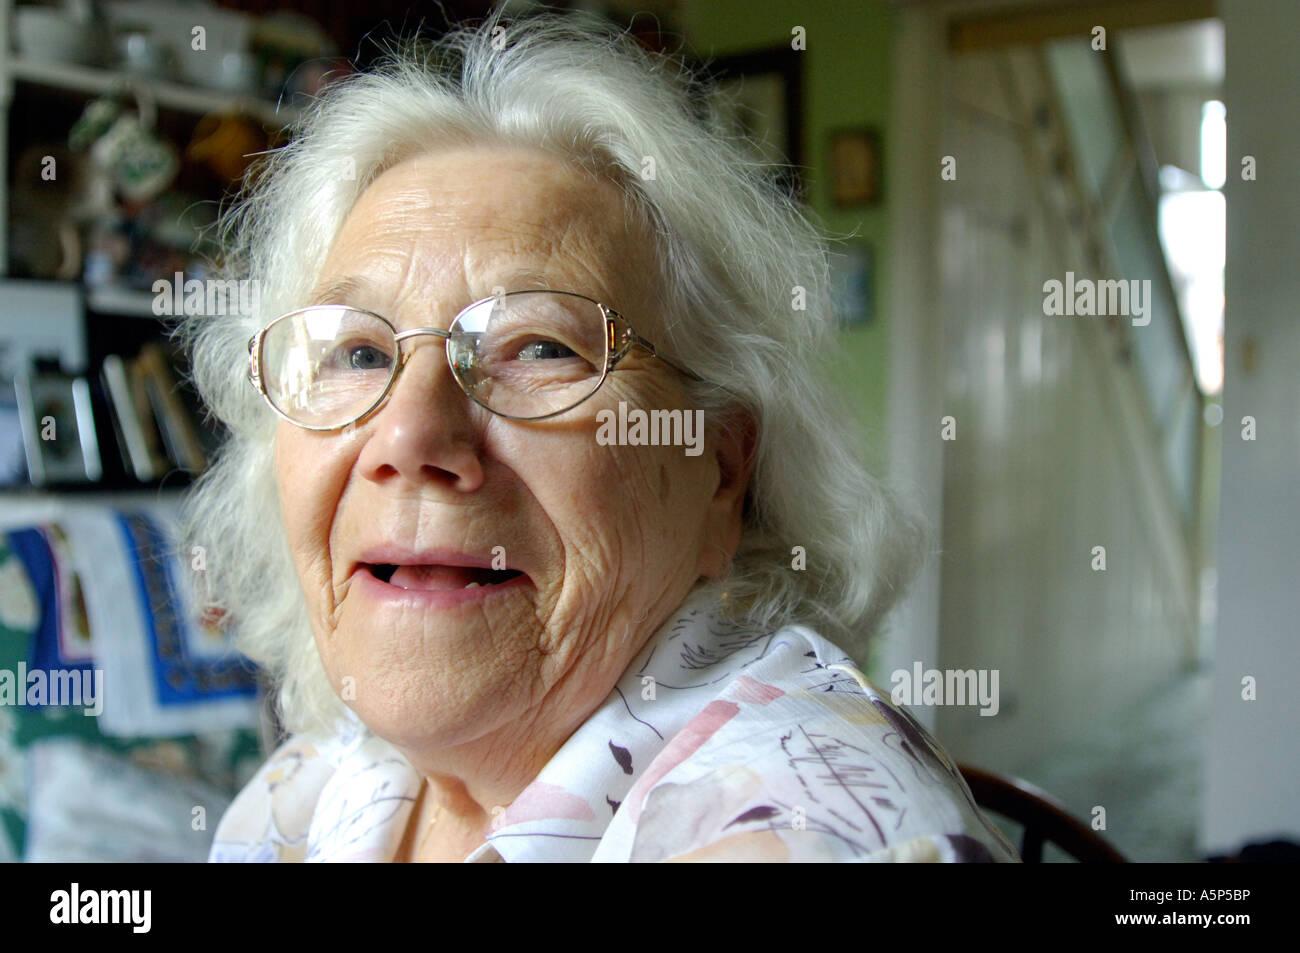 Ritratto di un felice sorridente pensionato britannico nella sua casa di Londra REGNO UNITO Immagini Stock